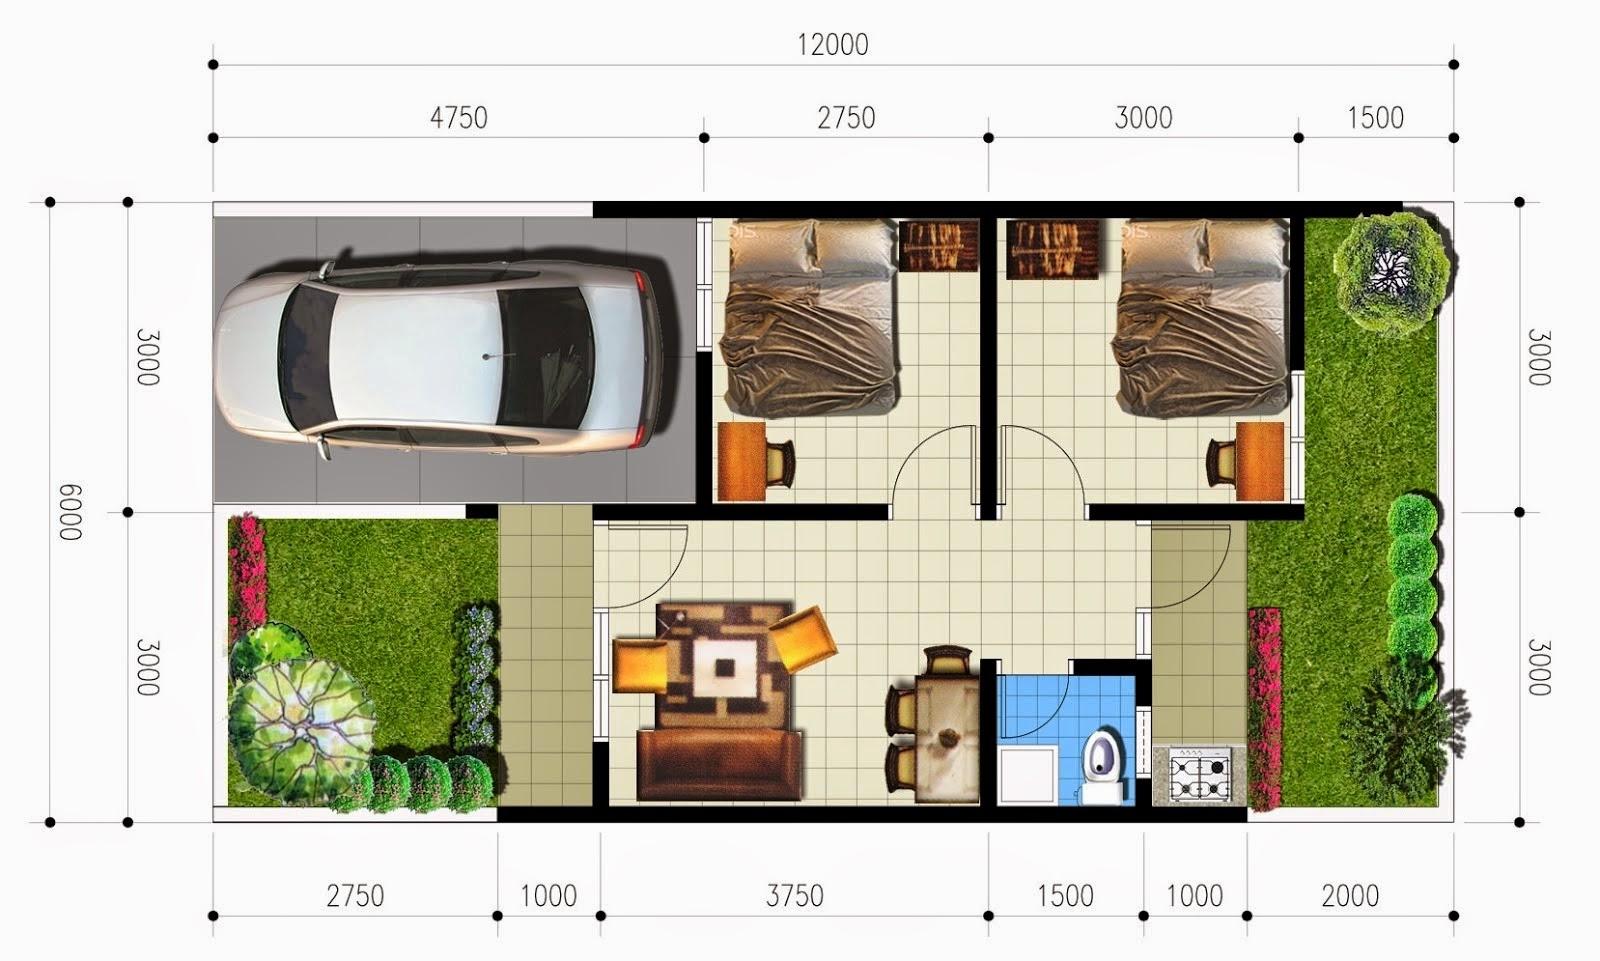 Desain Rumah Minimalis Ukuran 5x6 Jual Bata Ekspos